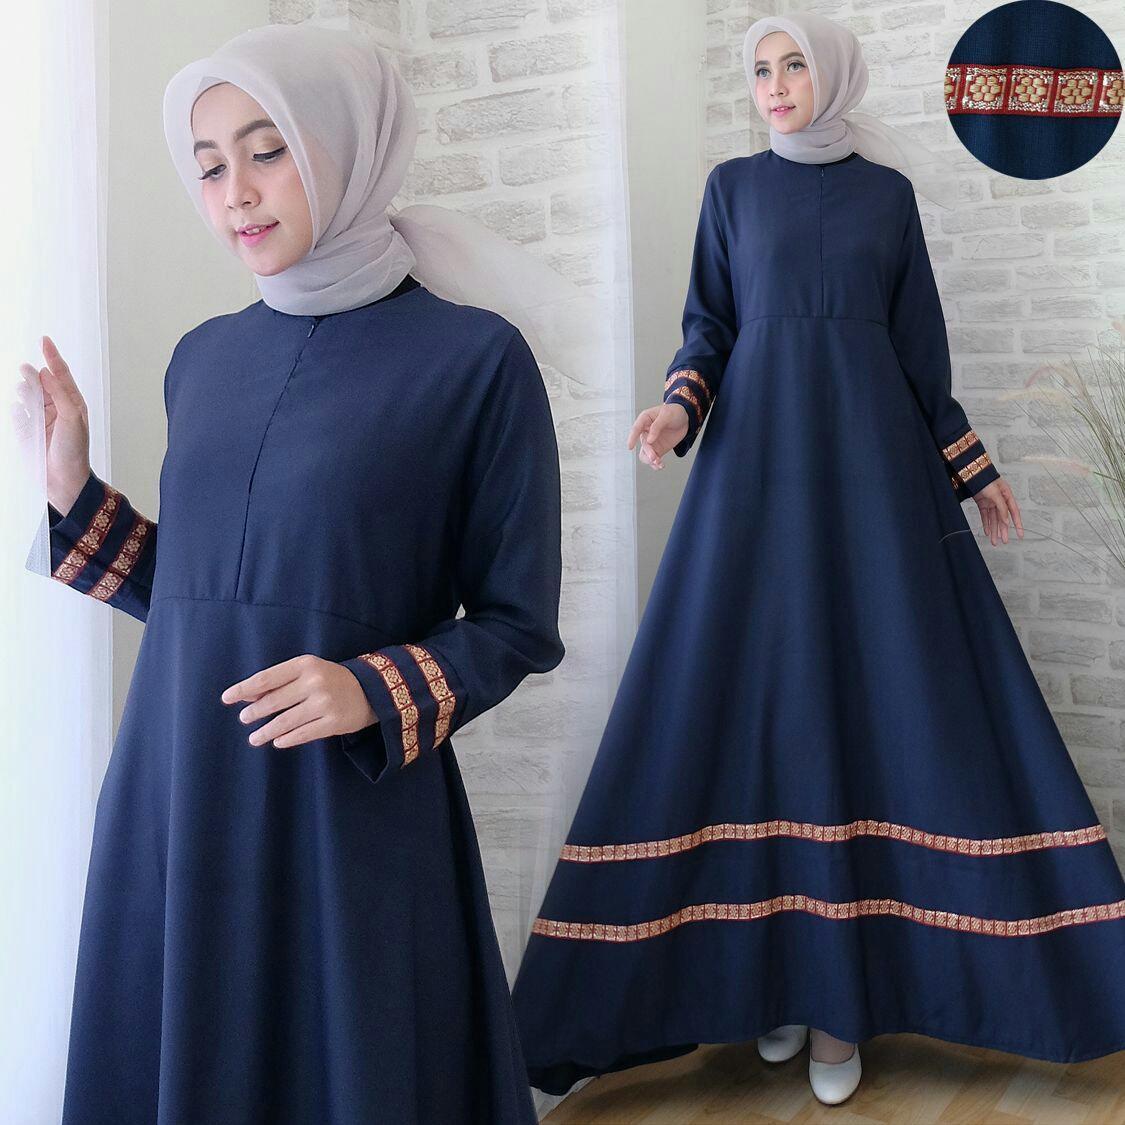 Snowshop Gamis Syari Muslim Marlina - 8 pilihan warna Dress Muslimah   Baju  Muslim   fashion 01f1cc1e46